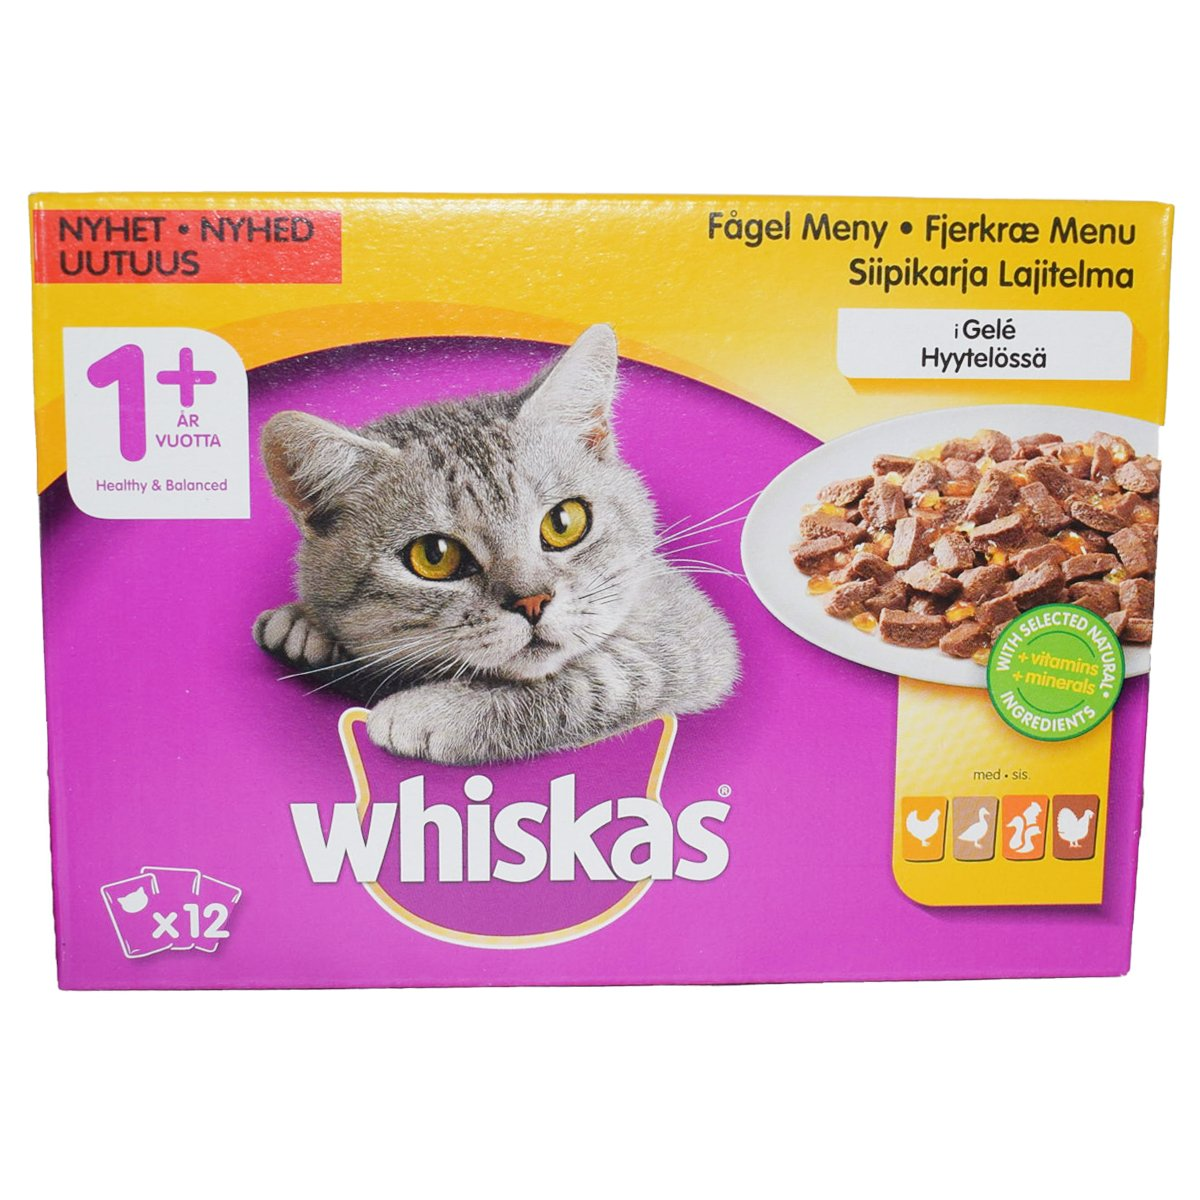 Kissanruoka Lintulajitelma - 24% alennus